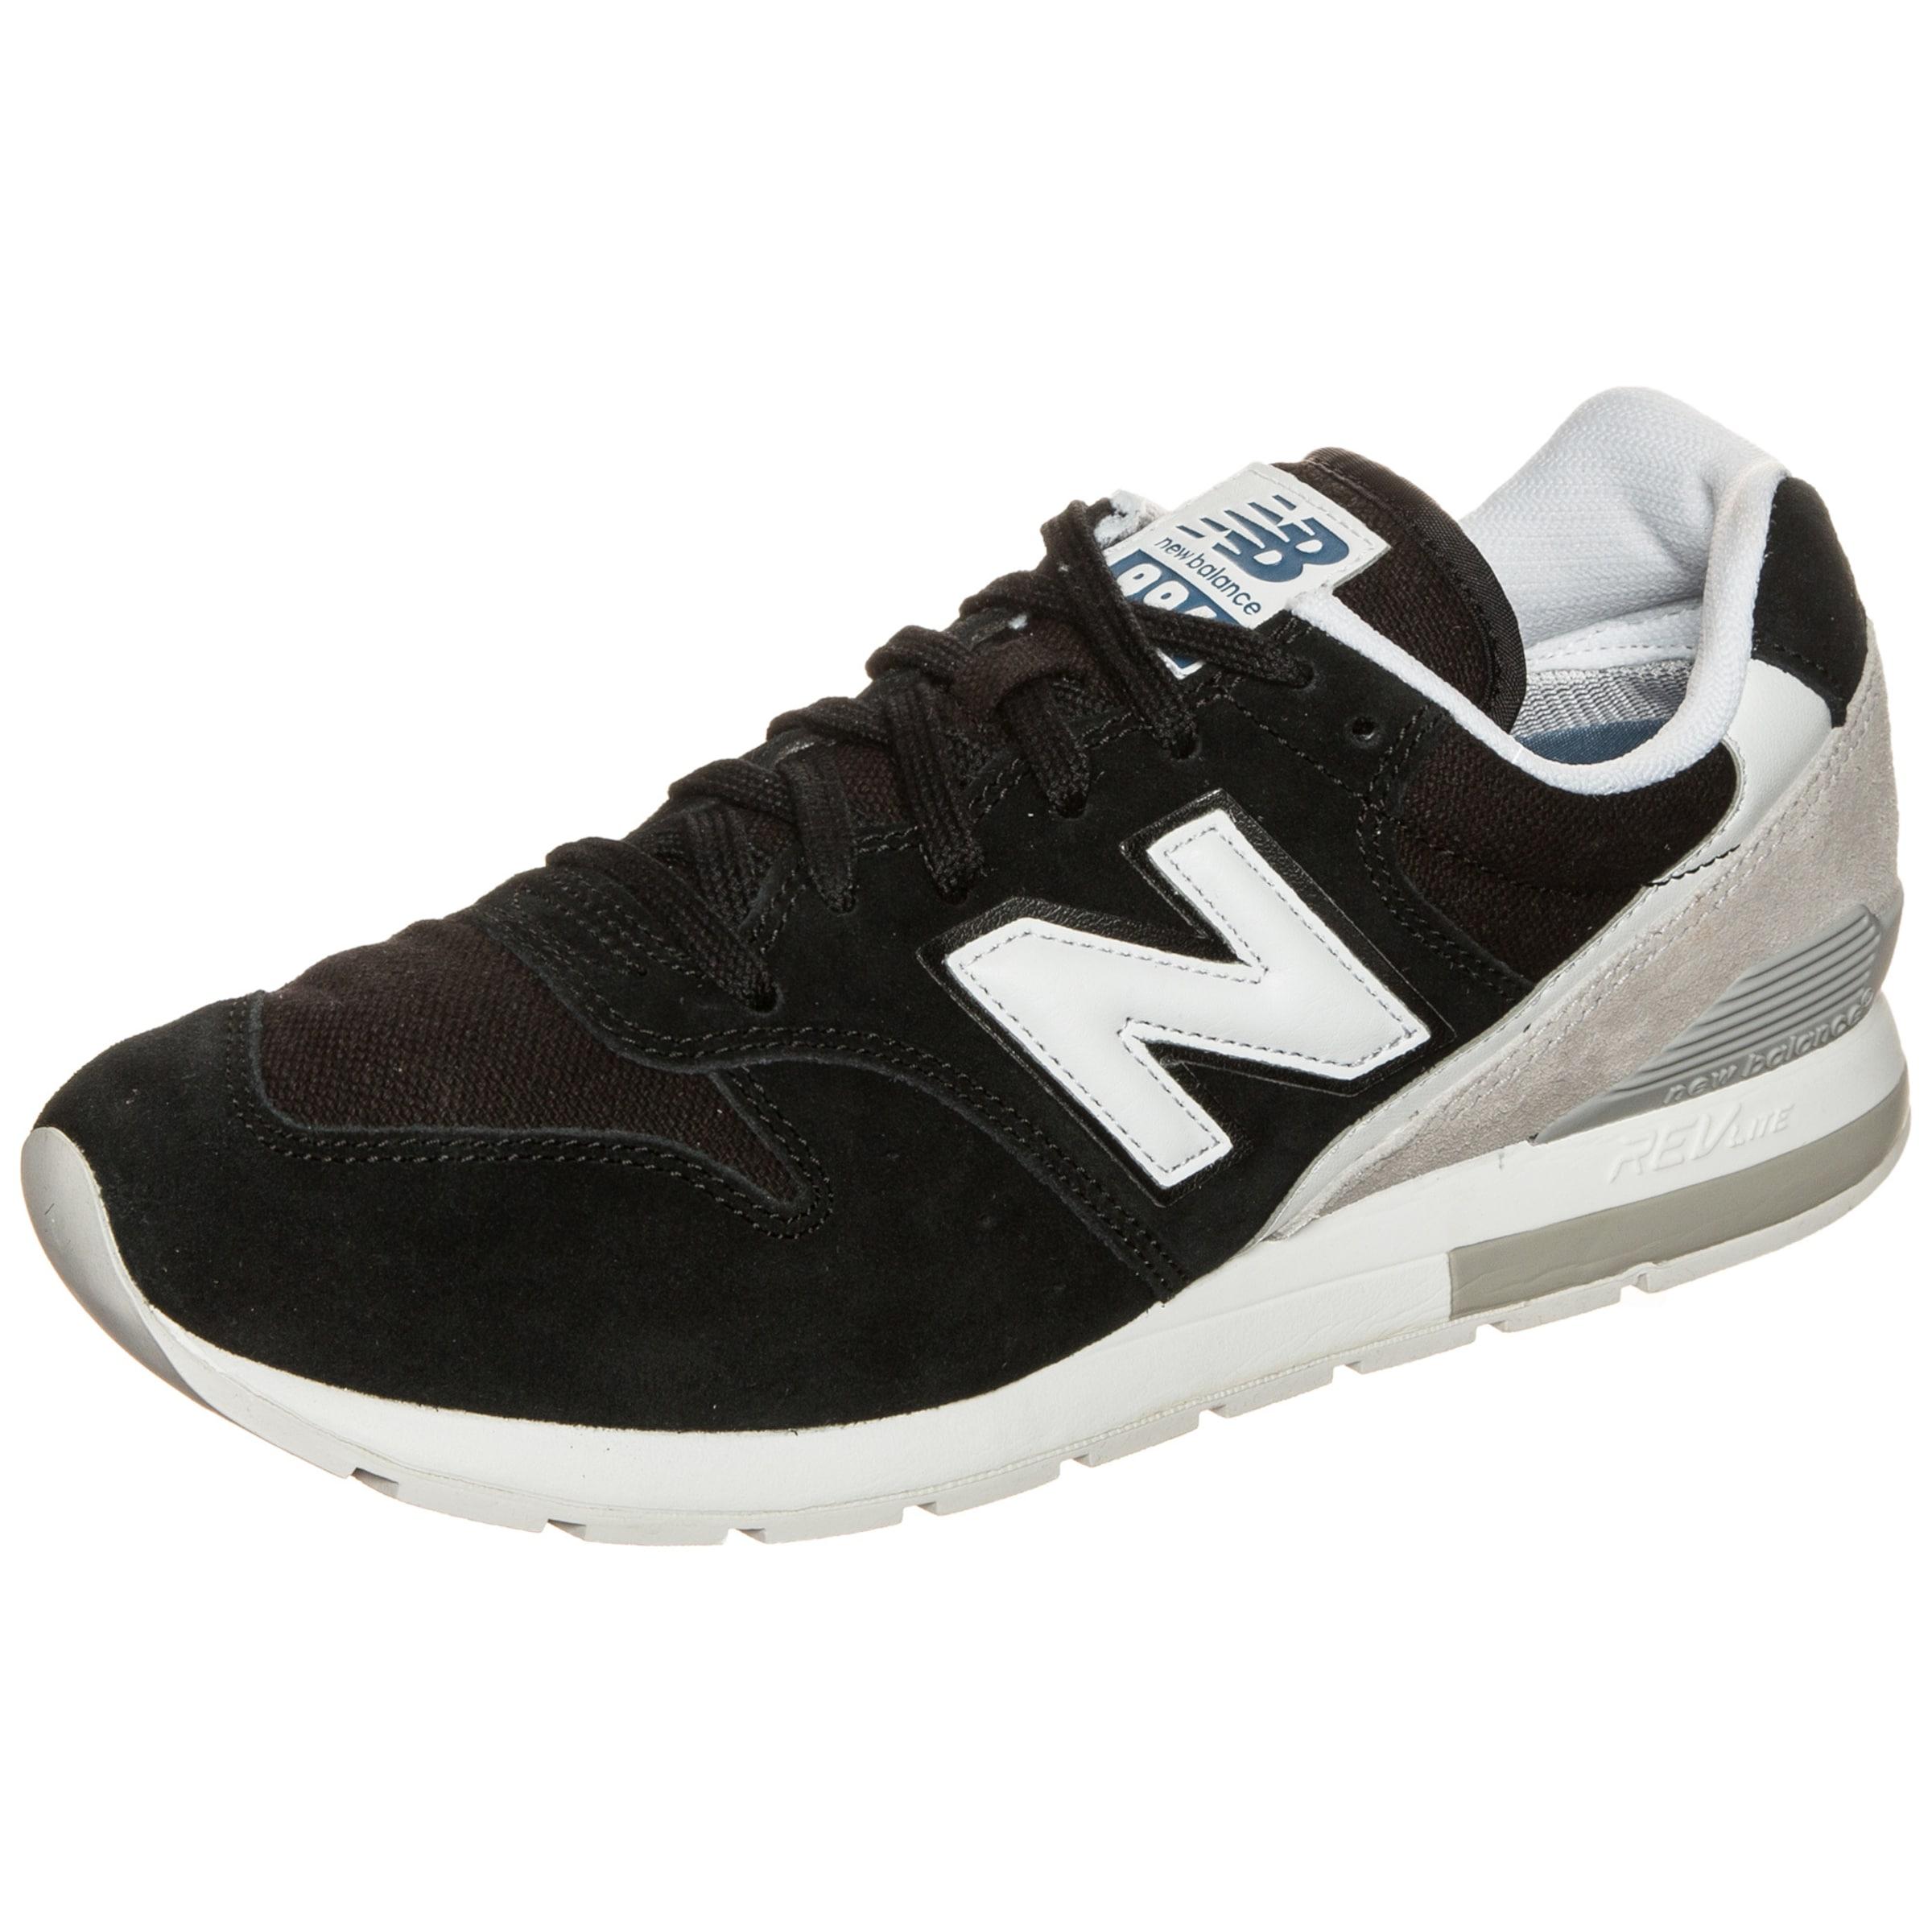 new balance  MRL996-JV-D  Sneaker Herren